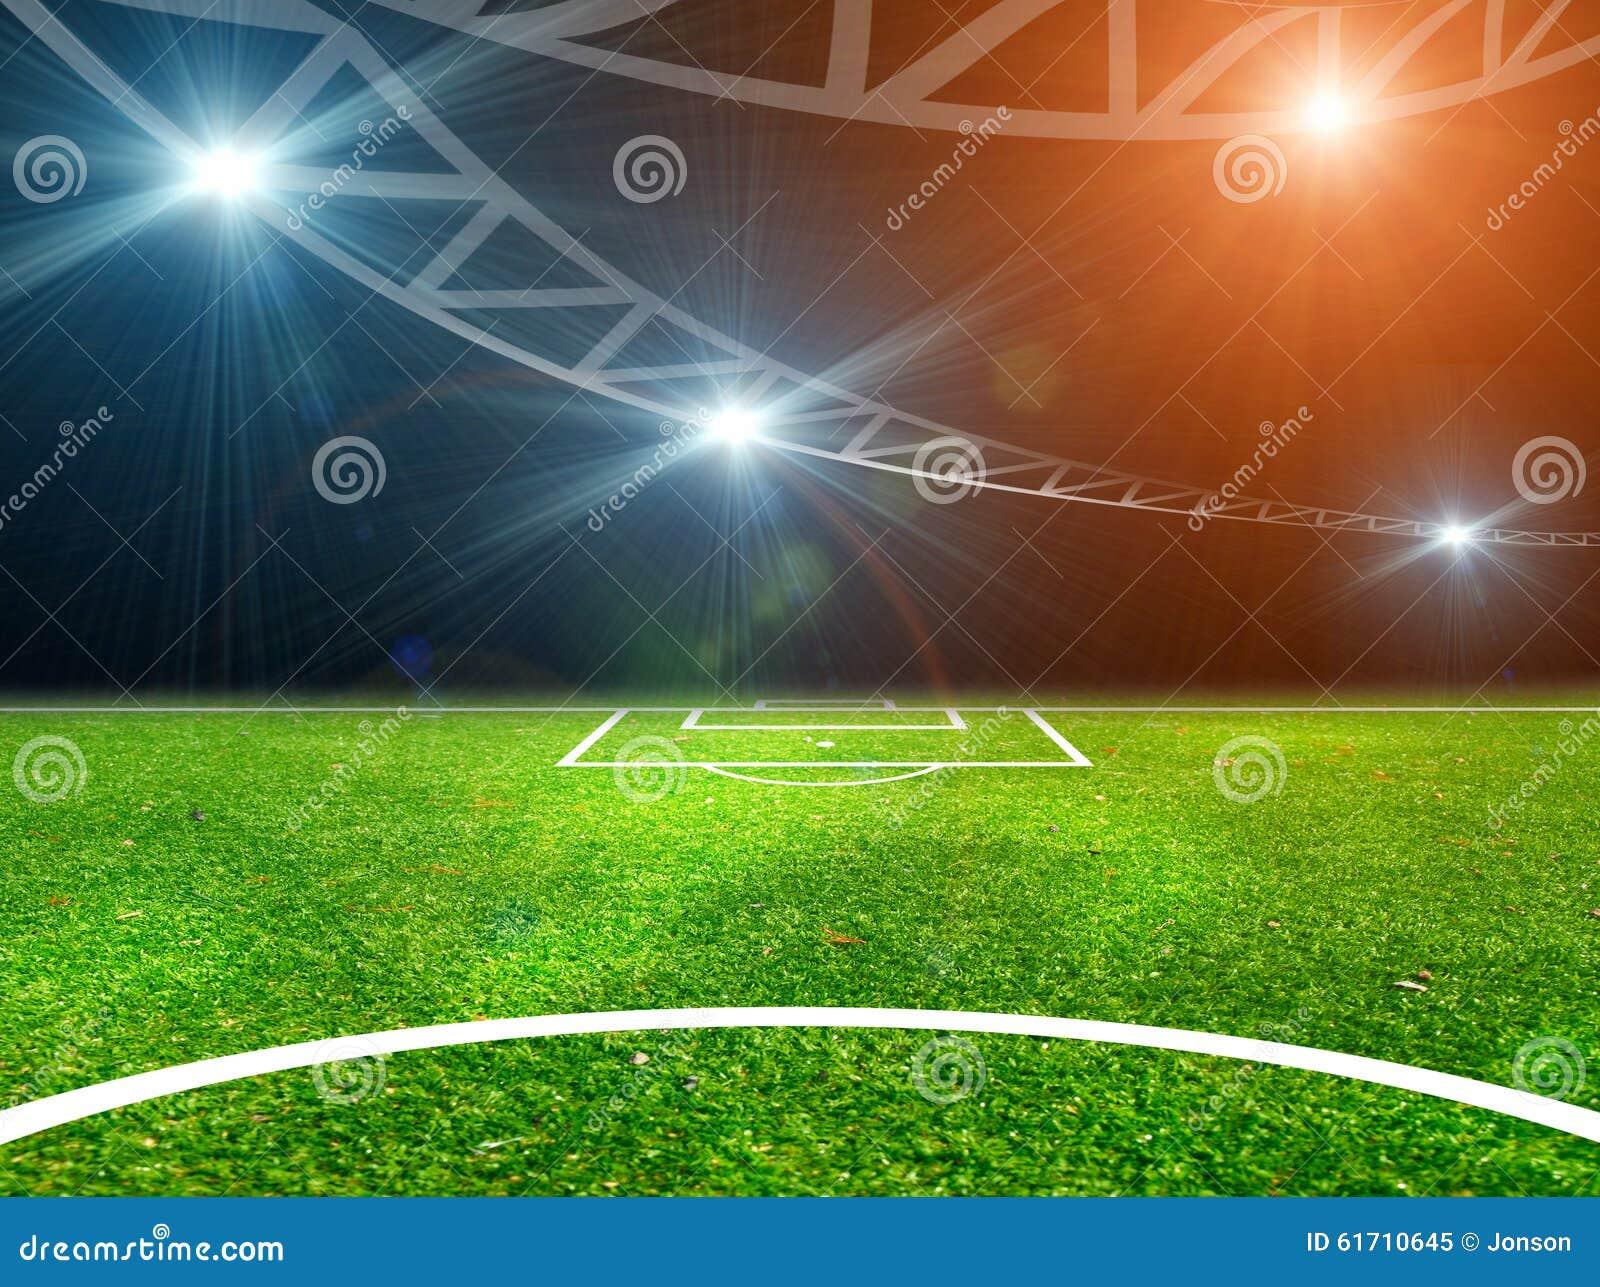 Fussball Auf Grunem Stadion Arena In Der Nacht Belichtet